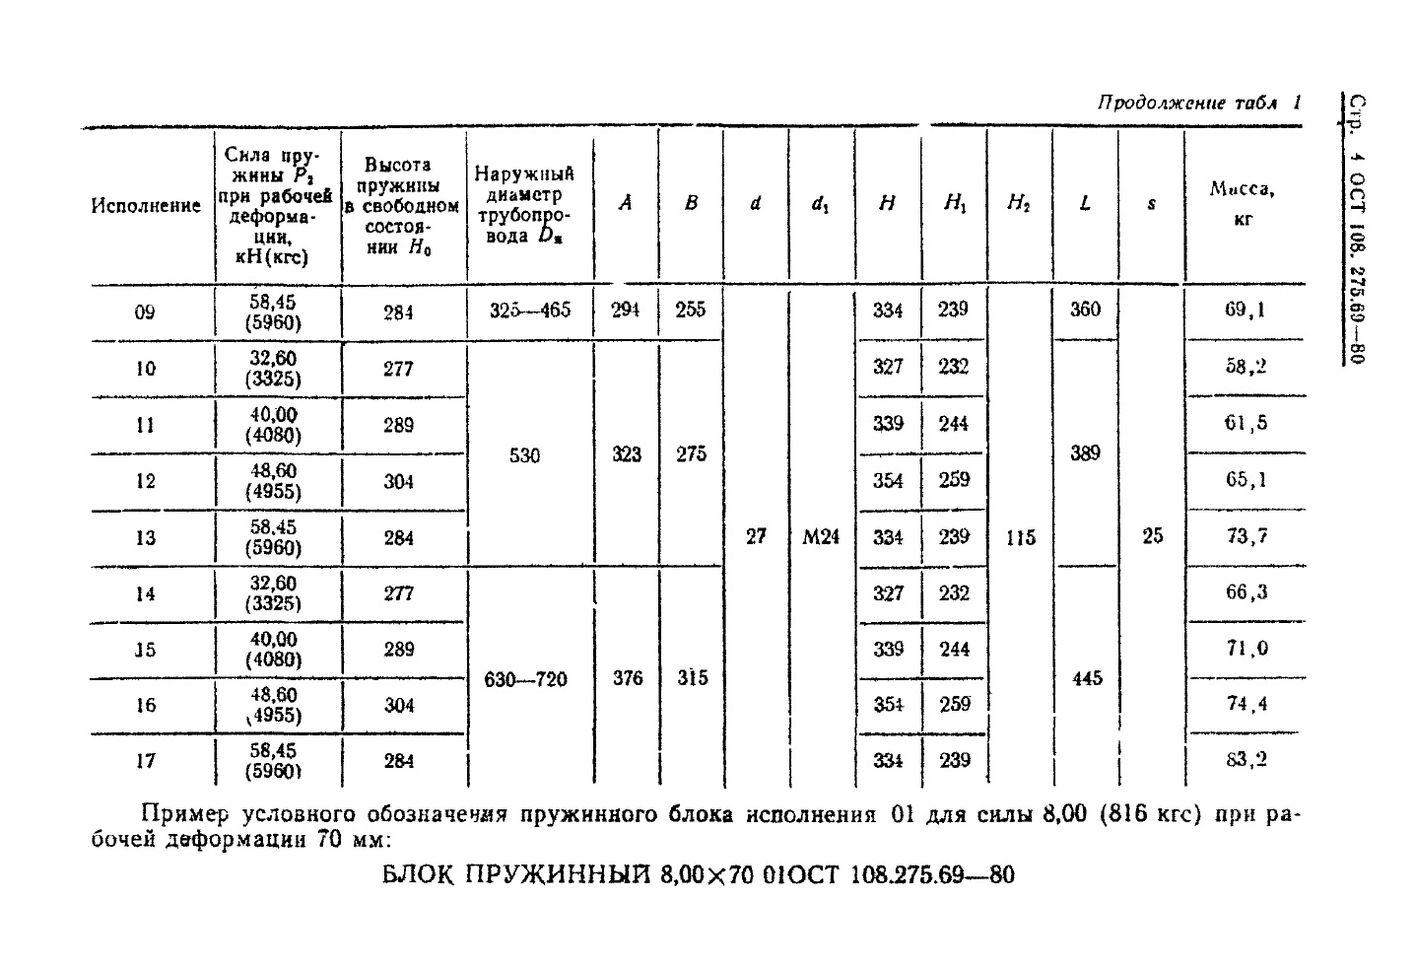 Блоки пружинные ОСТ 108.275.69-80 стр.4